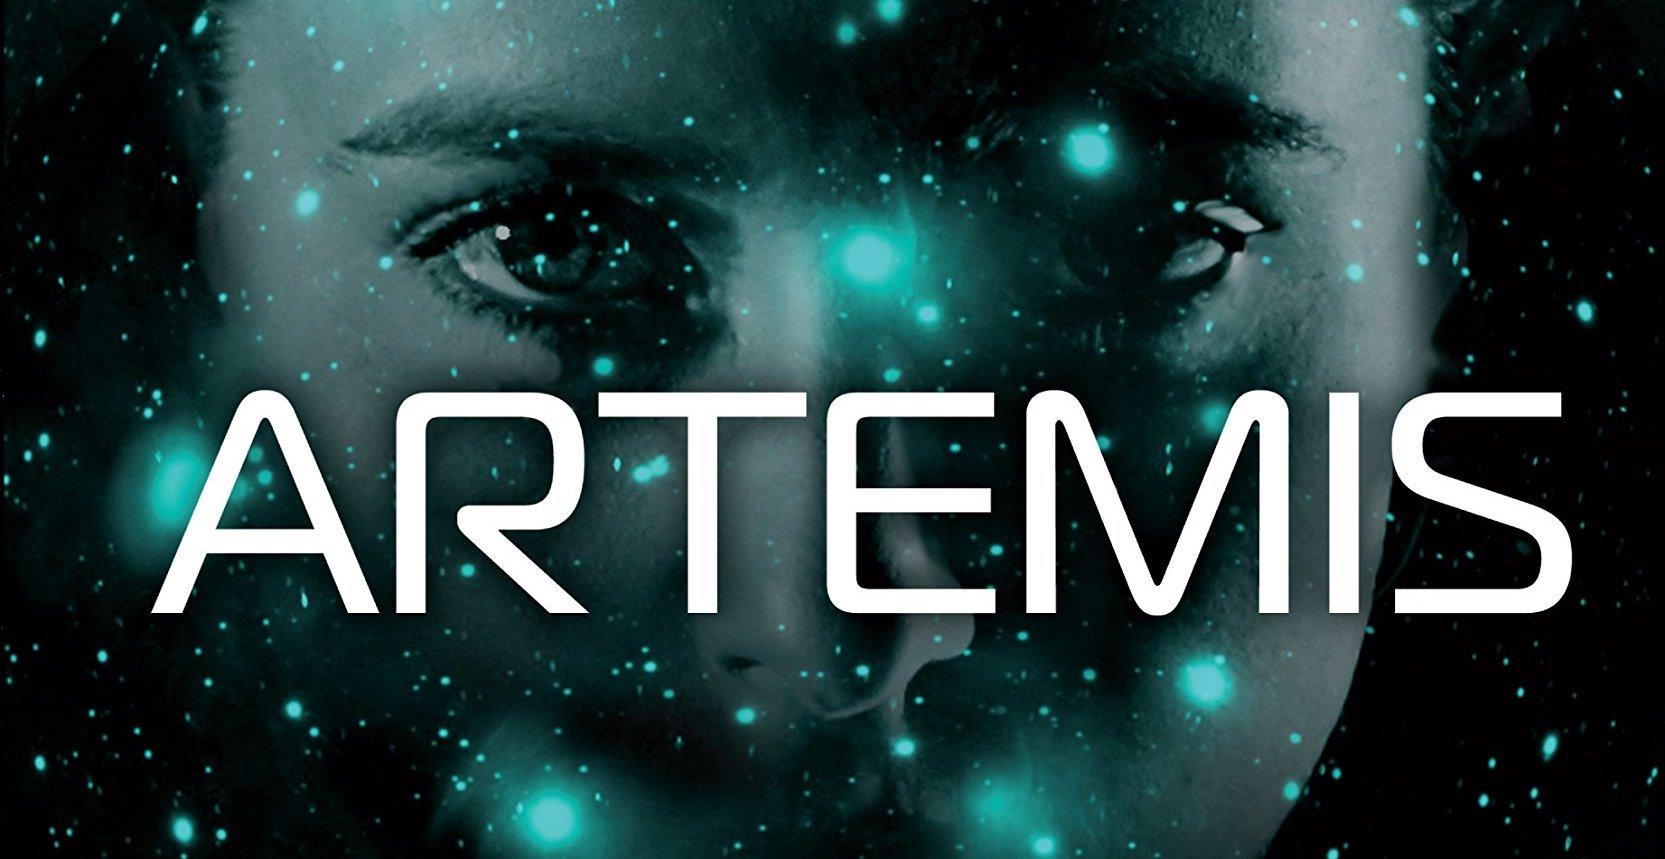 Artemis cover